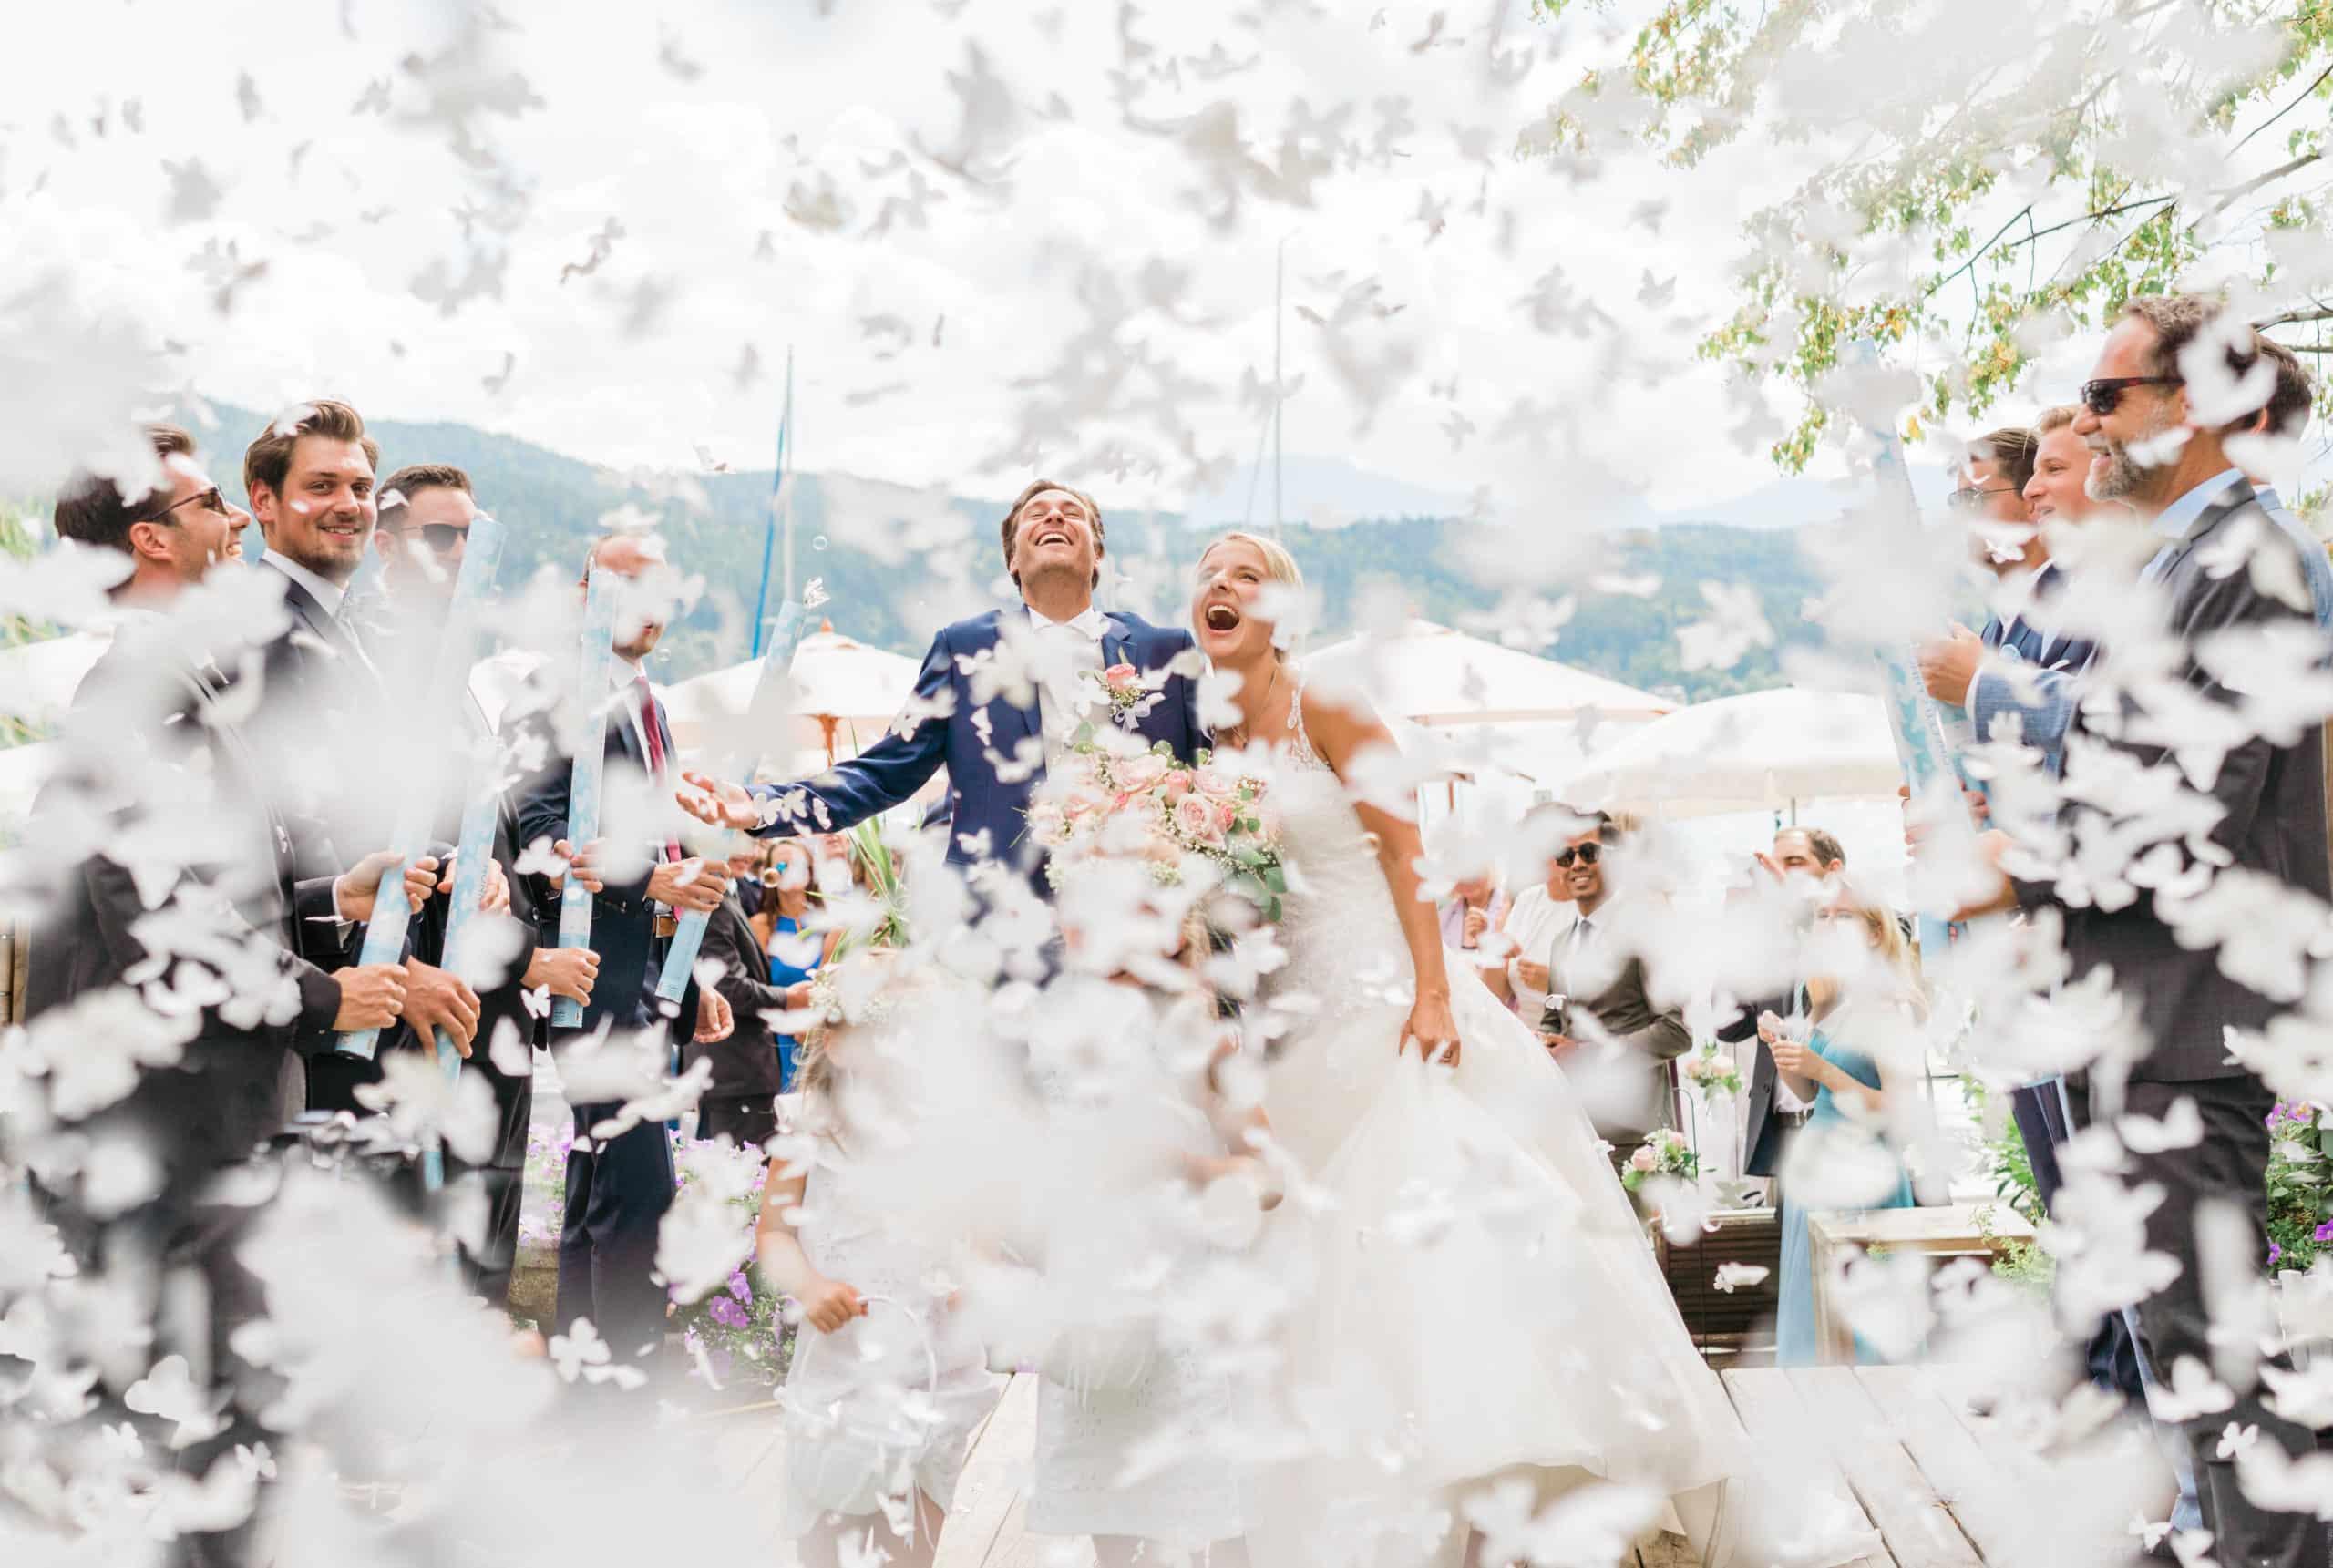 Stilvolles und elegantes Hochzeitsfoto am See. Frisch verheiratetes Brautpaar feiert am See ihre Hochzeit. Die Braut trägt ein weißes HOchzeitskleid. Der Bräutigam einen dunkelblauen eleganten Anzug